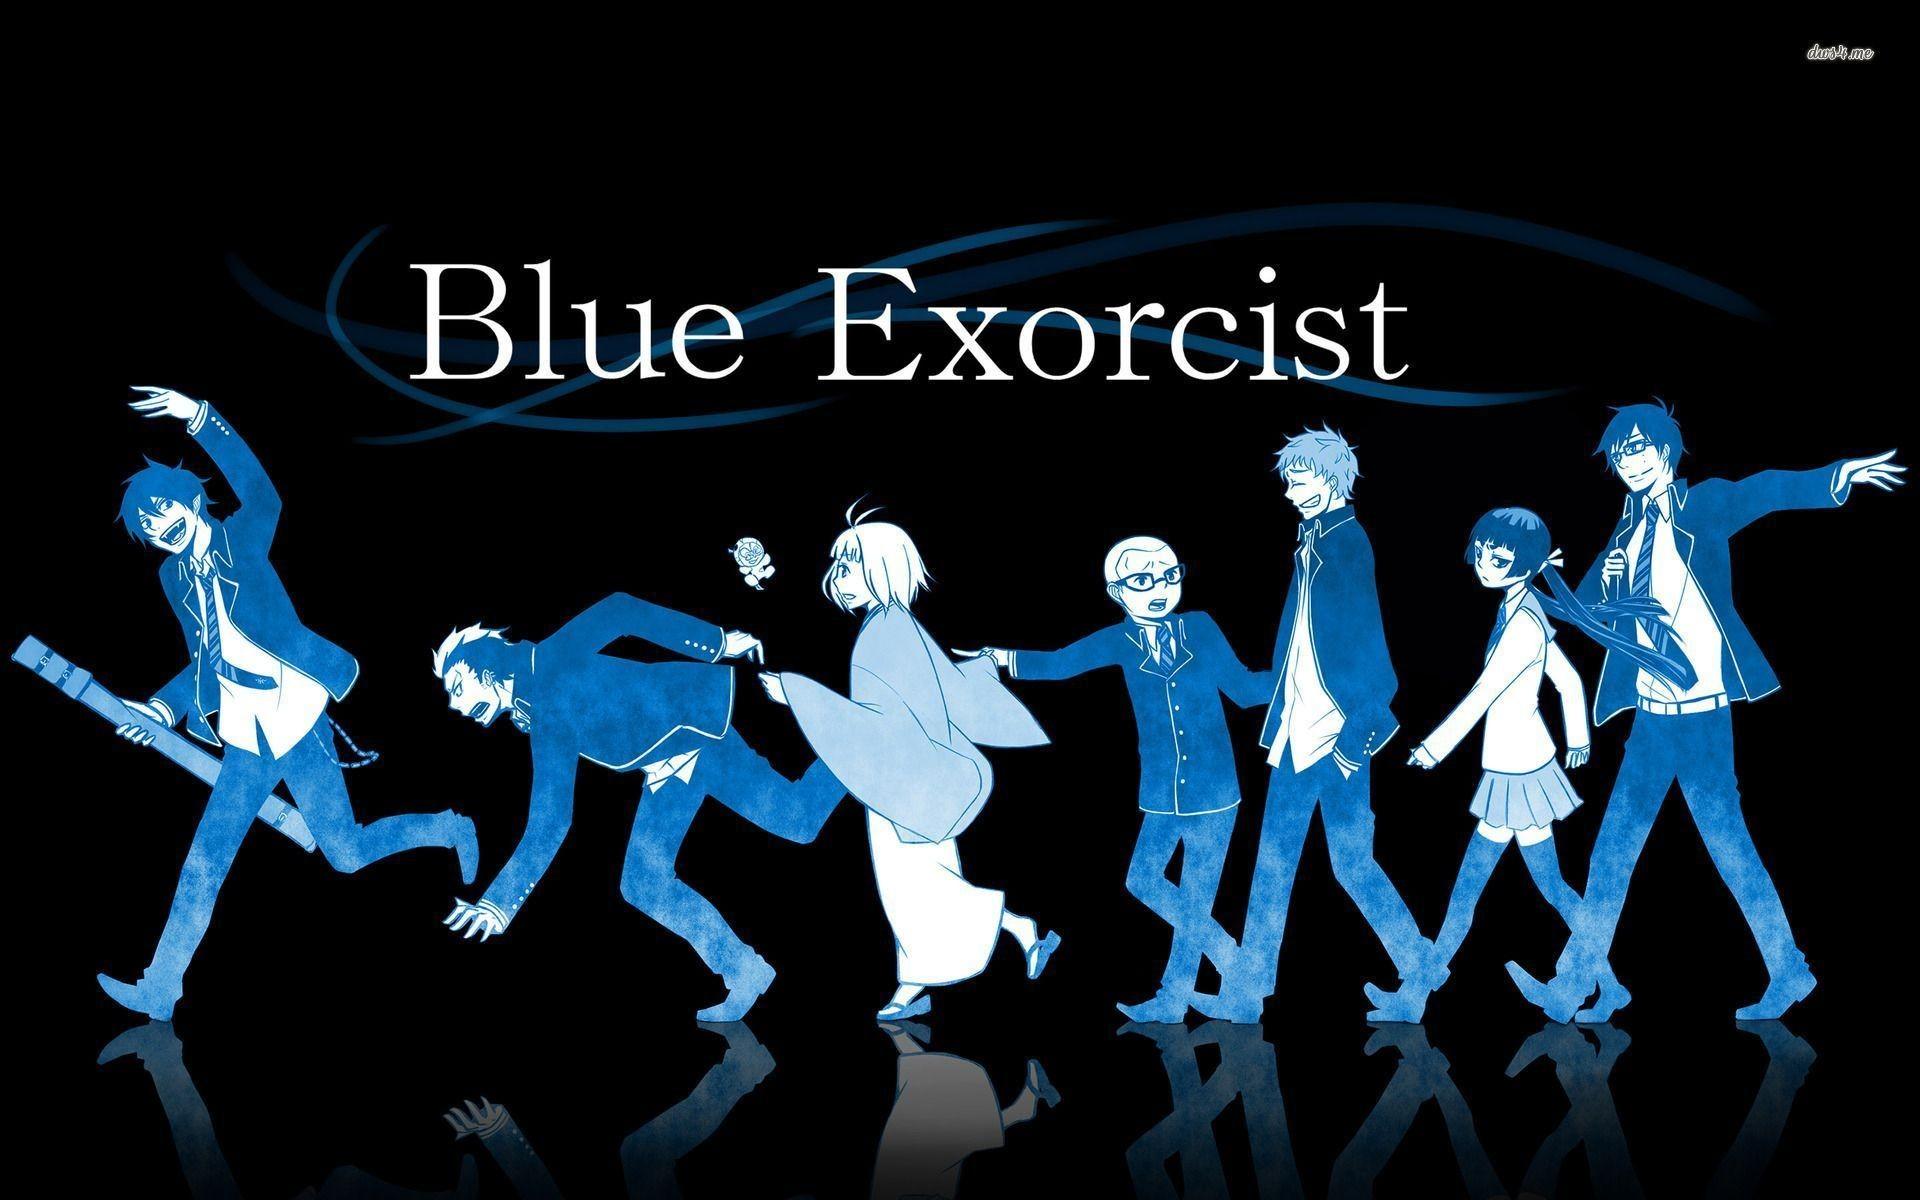 Blue Exorcist Quotes. QuotesGram